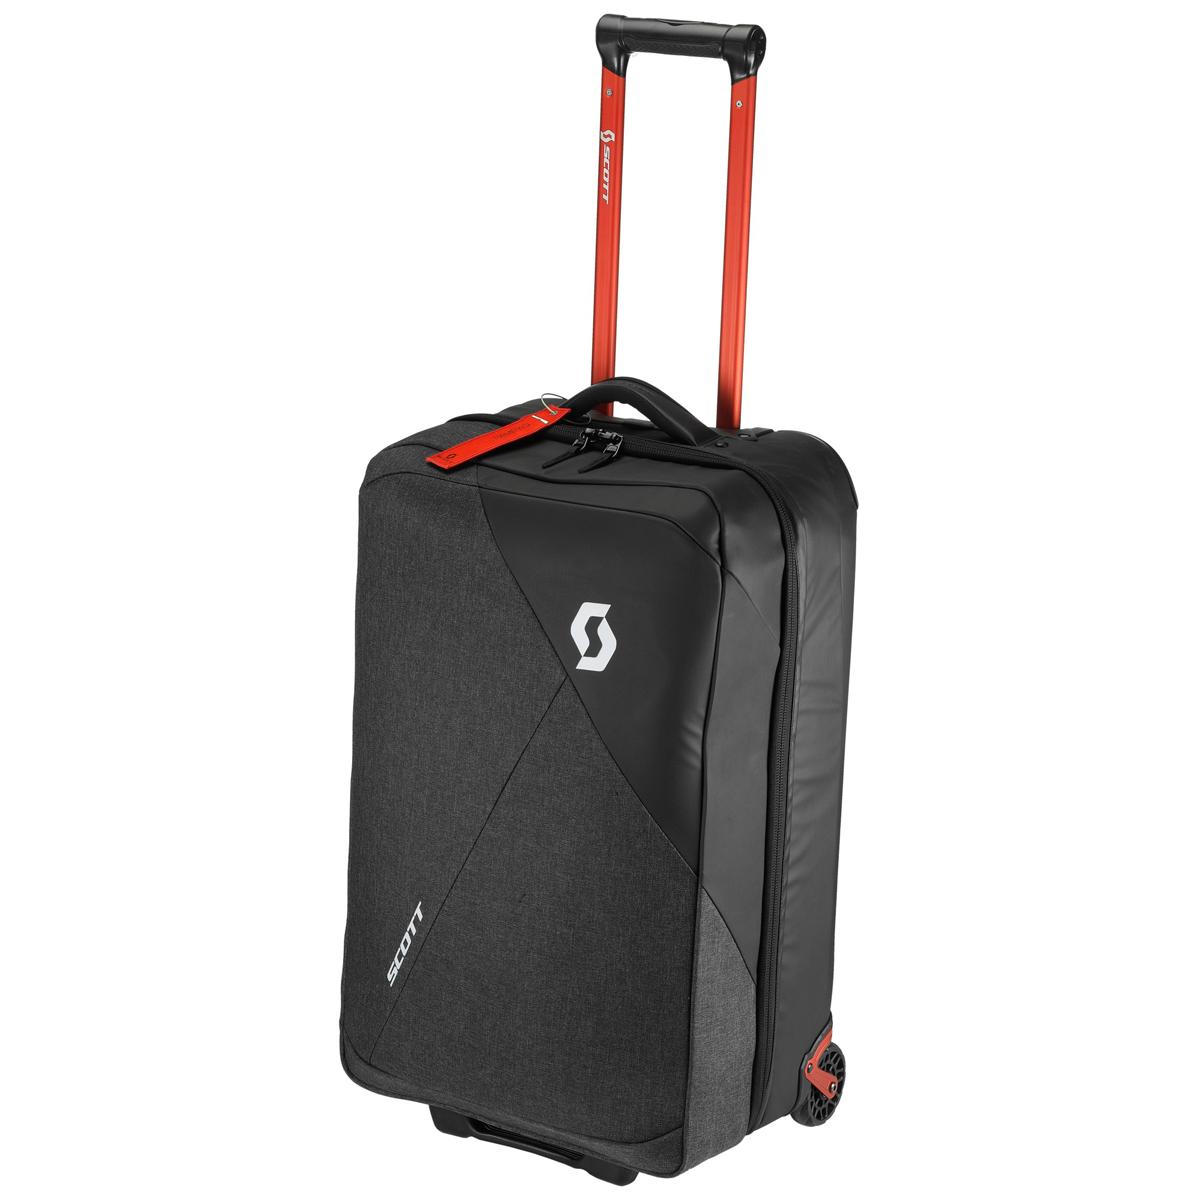 scott softcase 70 koffer trolley grau schwarz rot von. Black Bedroom Furniture Sets. Home Design Ideas